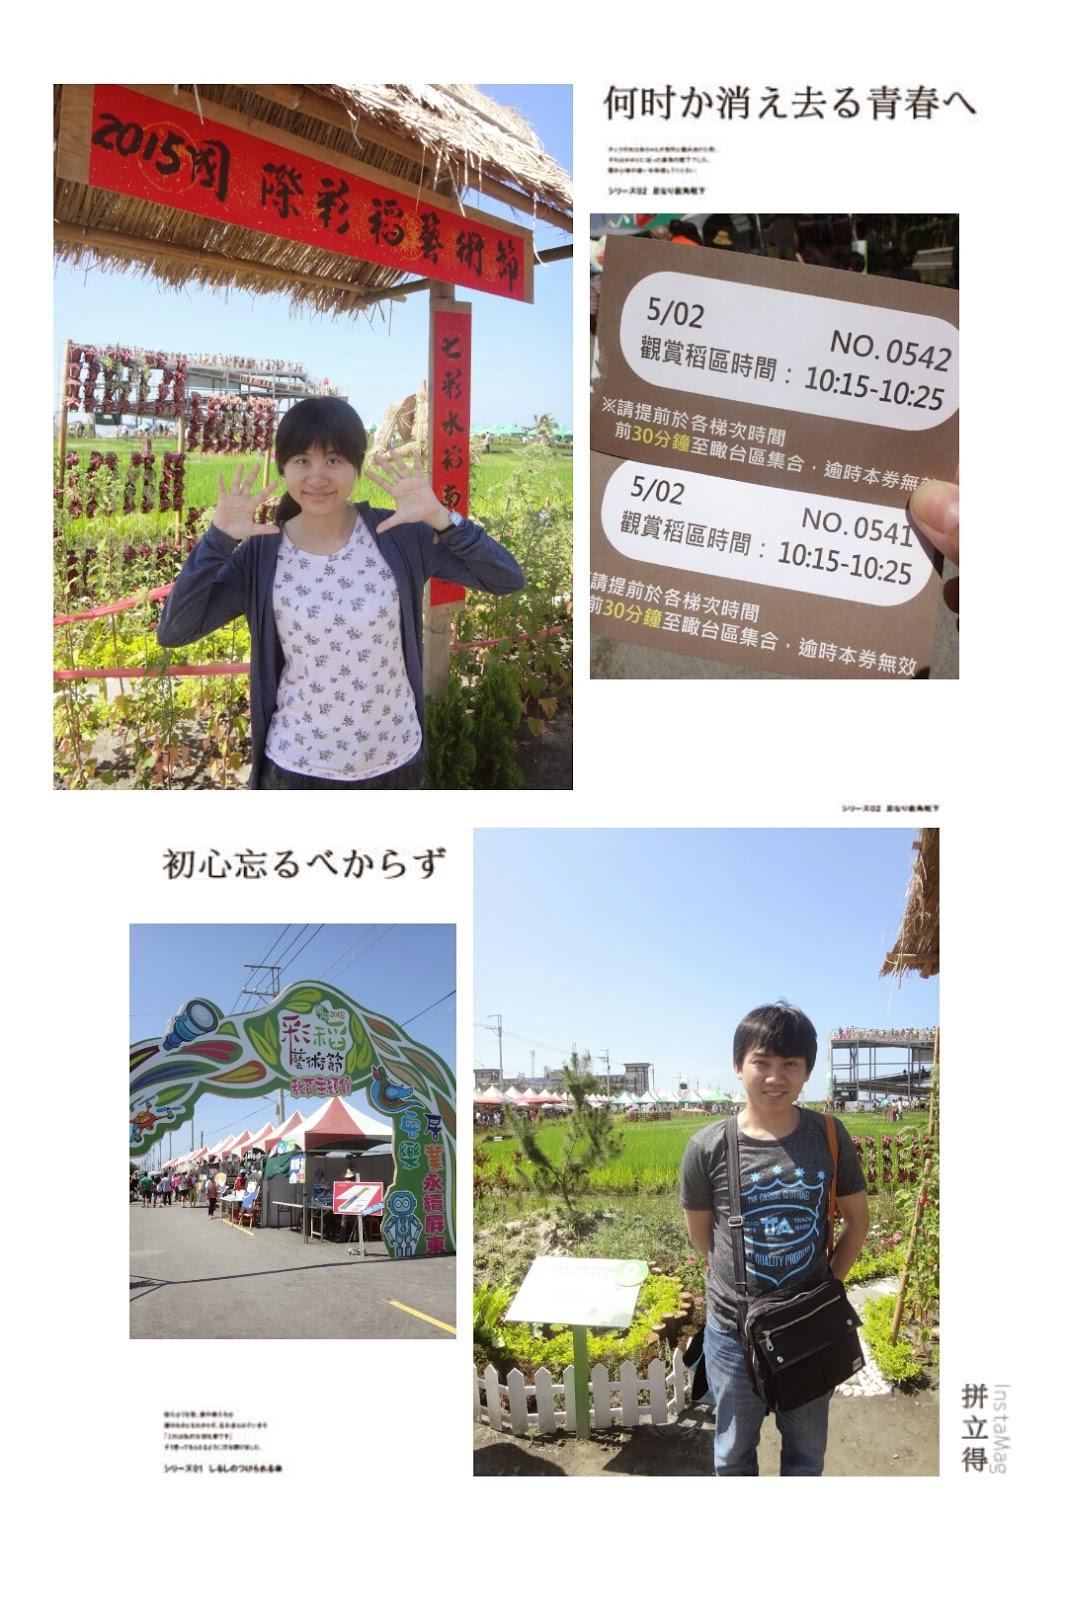 LINE FRIENDS彩繪稻田-2015屏東國際彩稻藝術節-庭園造景藝術展示